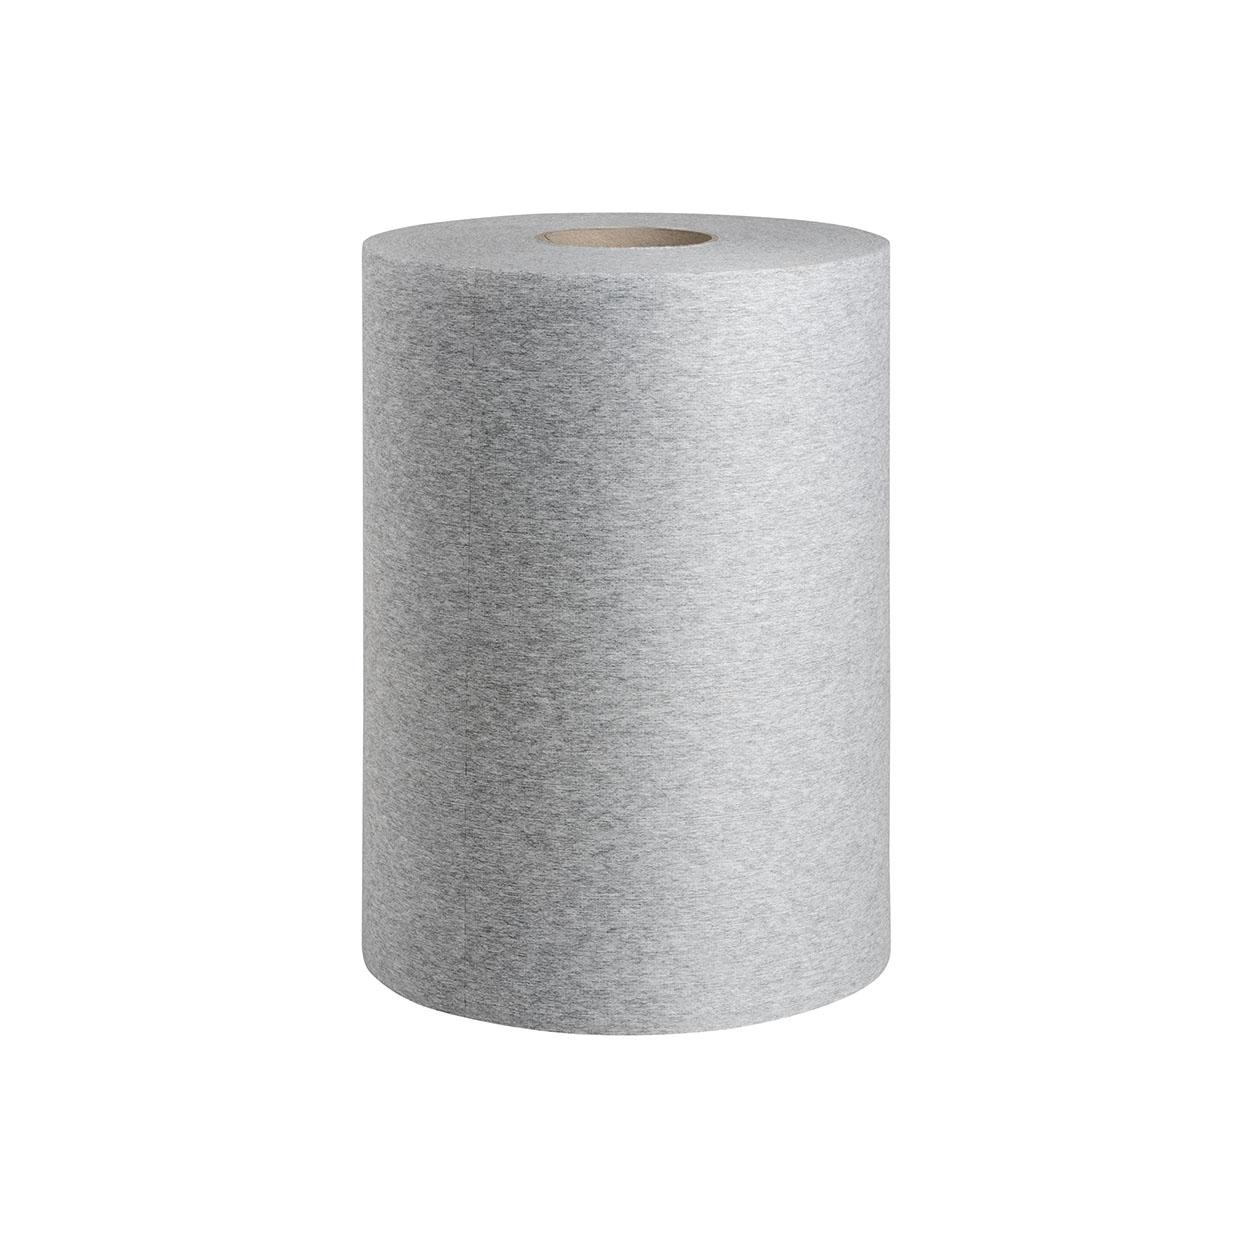 Univerzální průmyslová utěrka z netkané textilie GREY